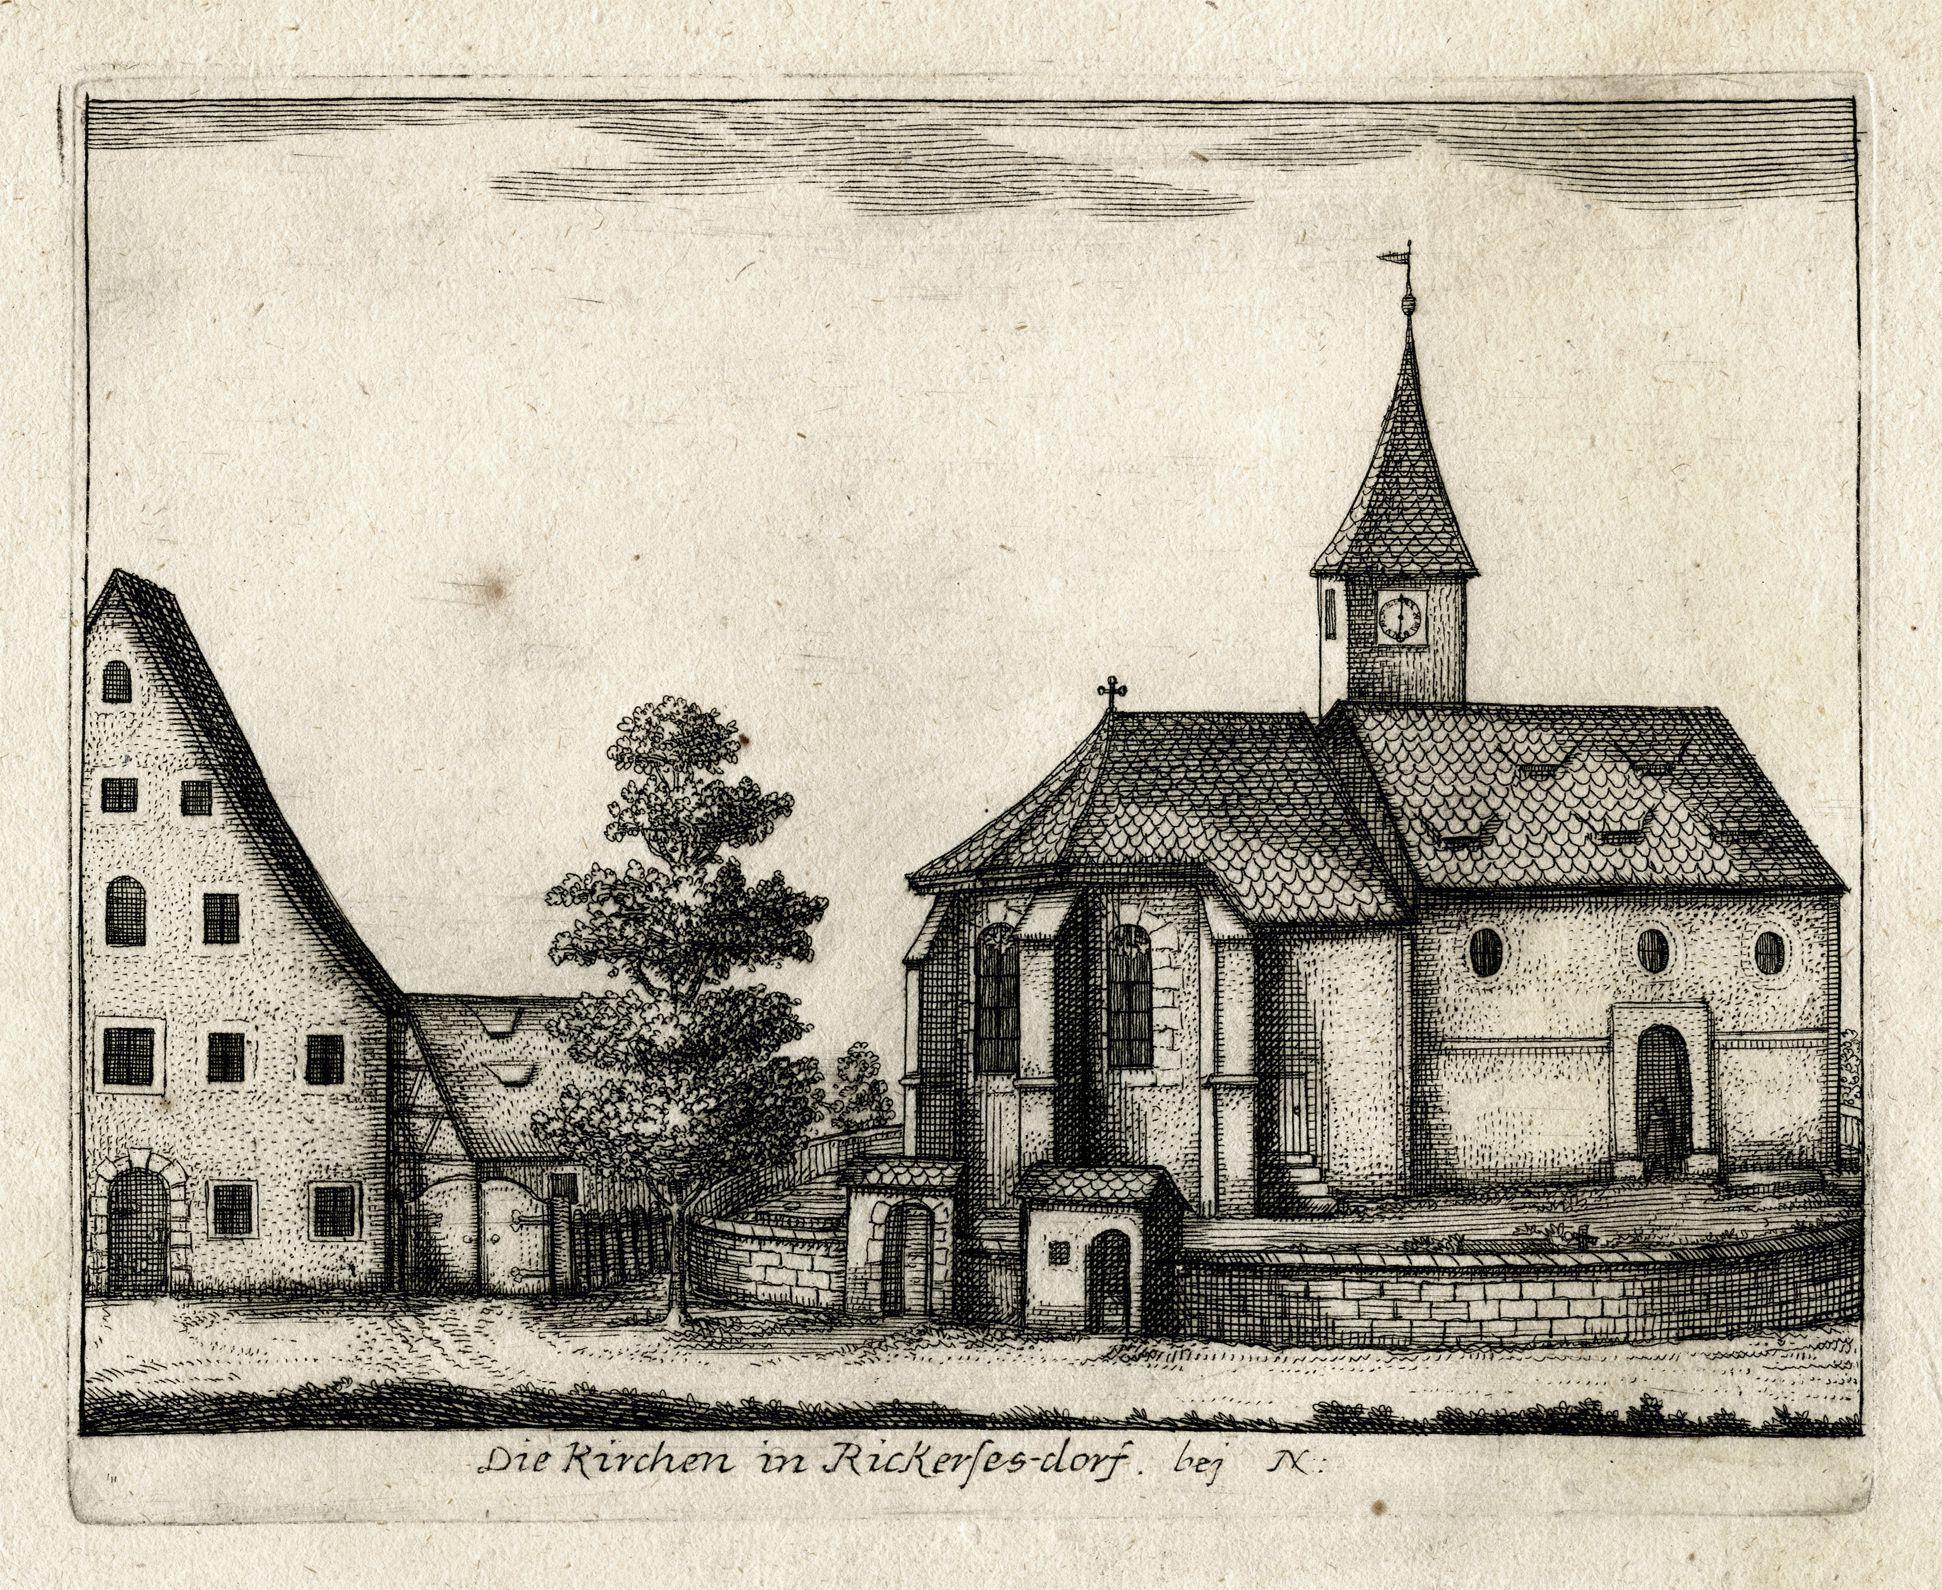 Die Kirchen in Rickerses-dorf. bej N: General view